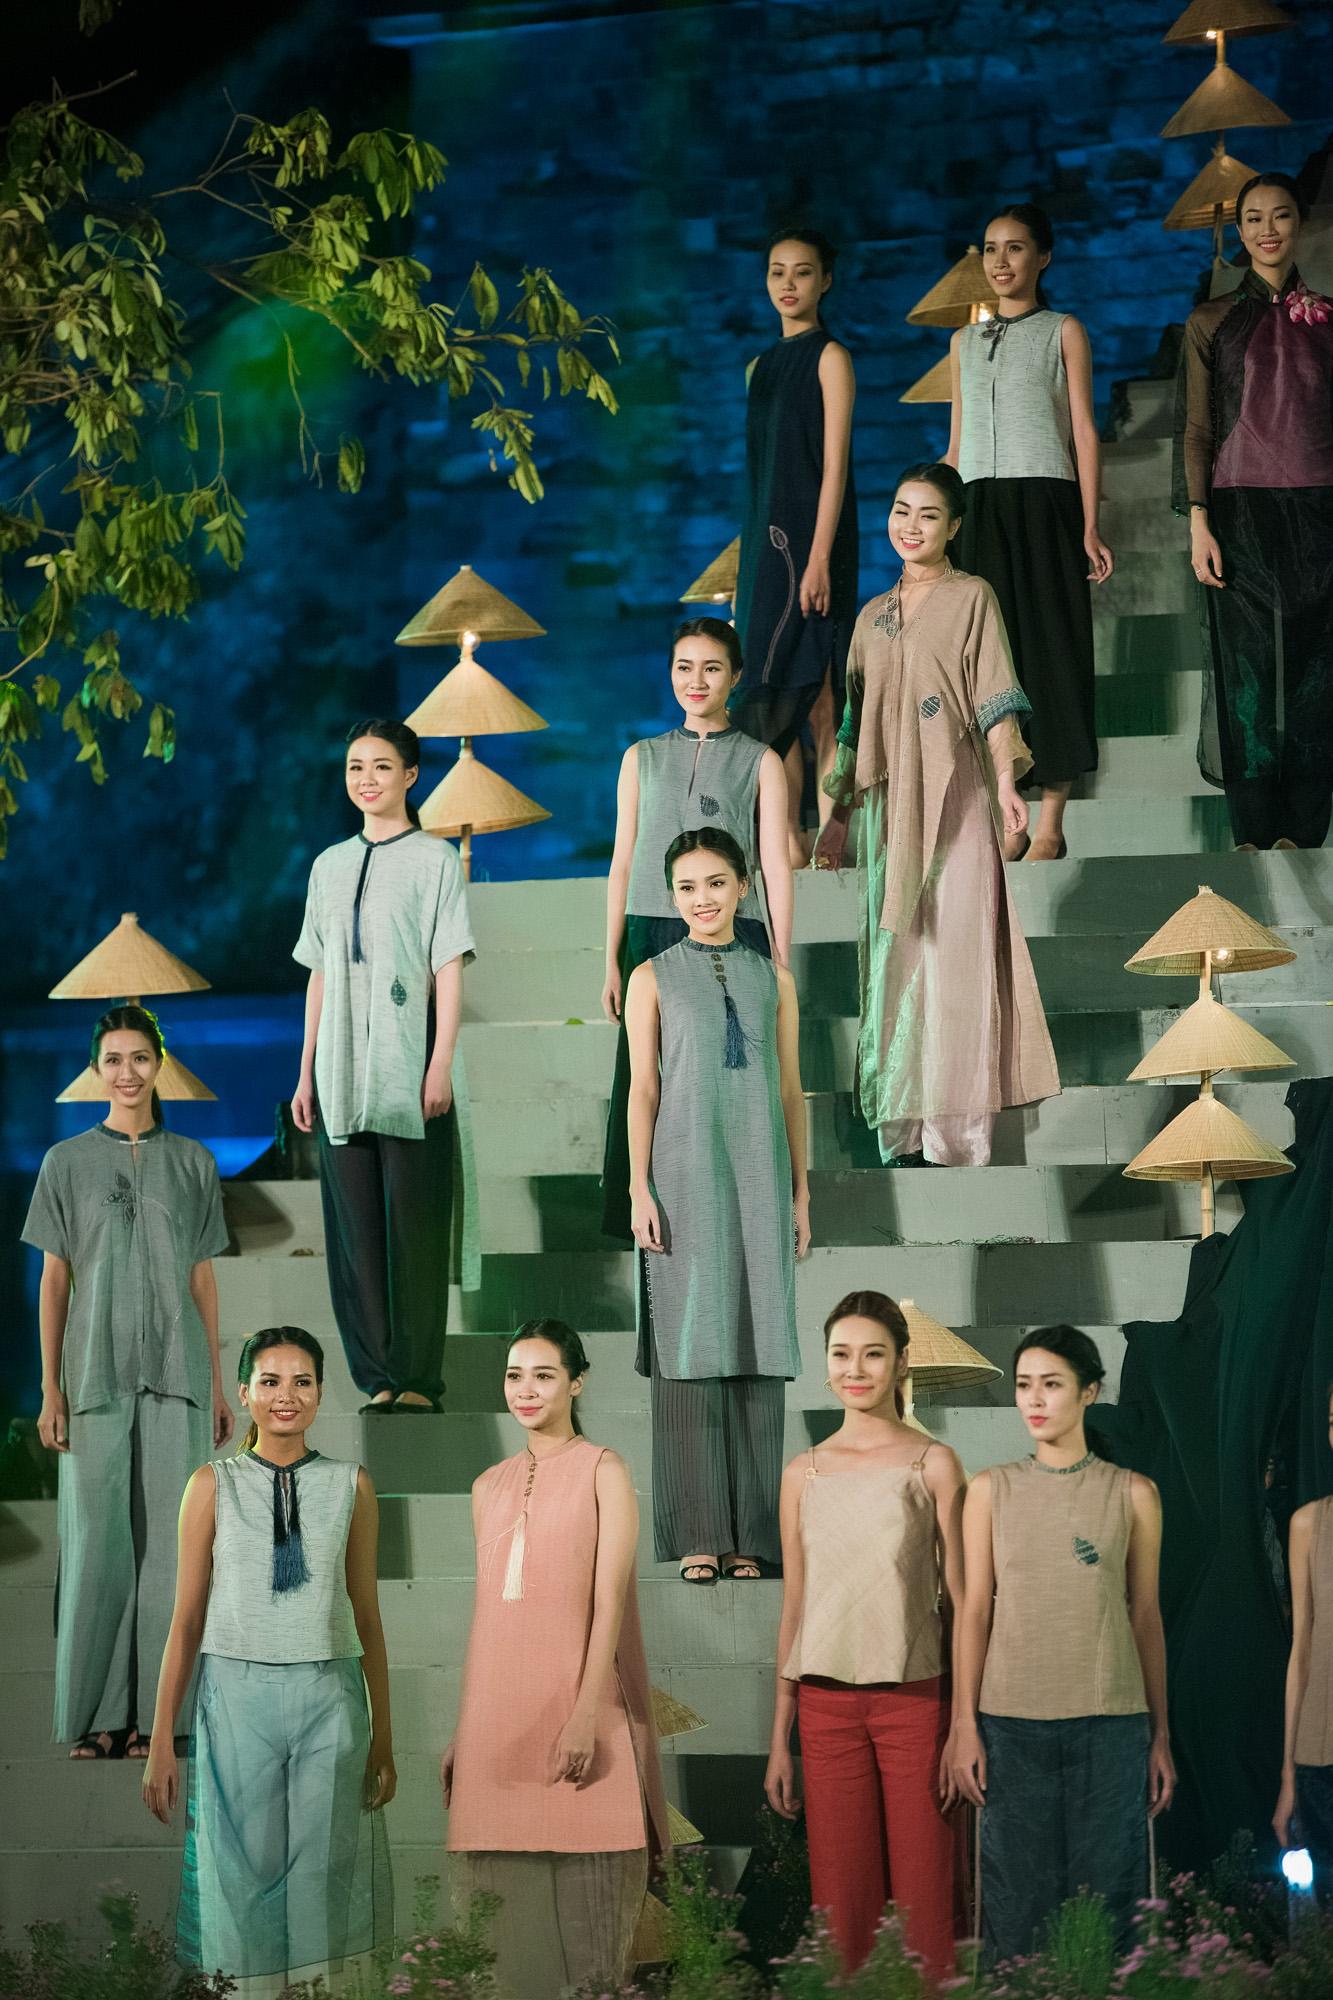 Hàng trăm mẫu áo dài được trình diễn trong Festival Áo dài Hà Nội 2016 4